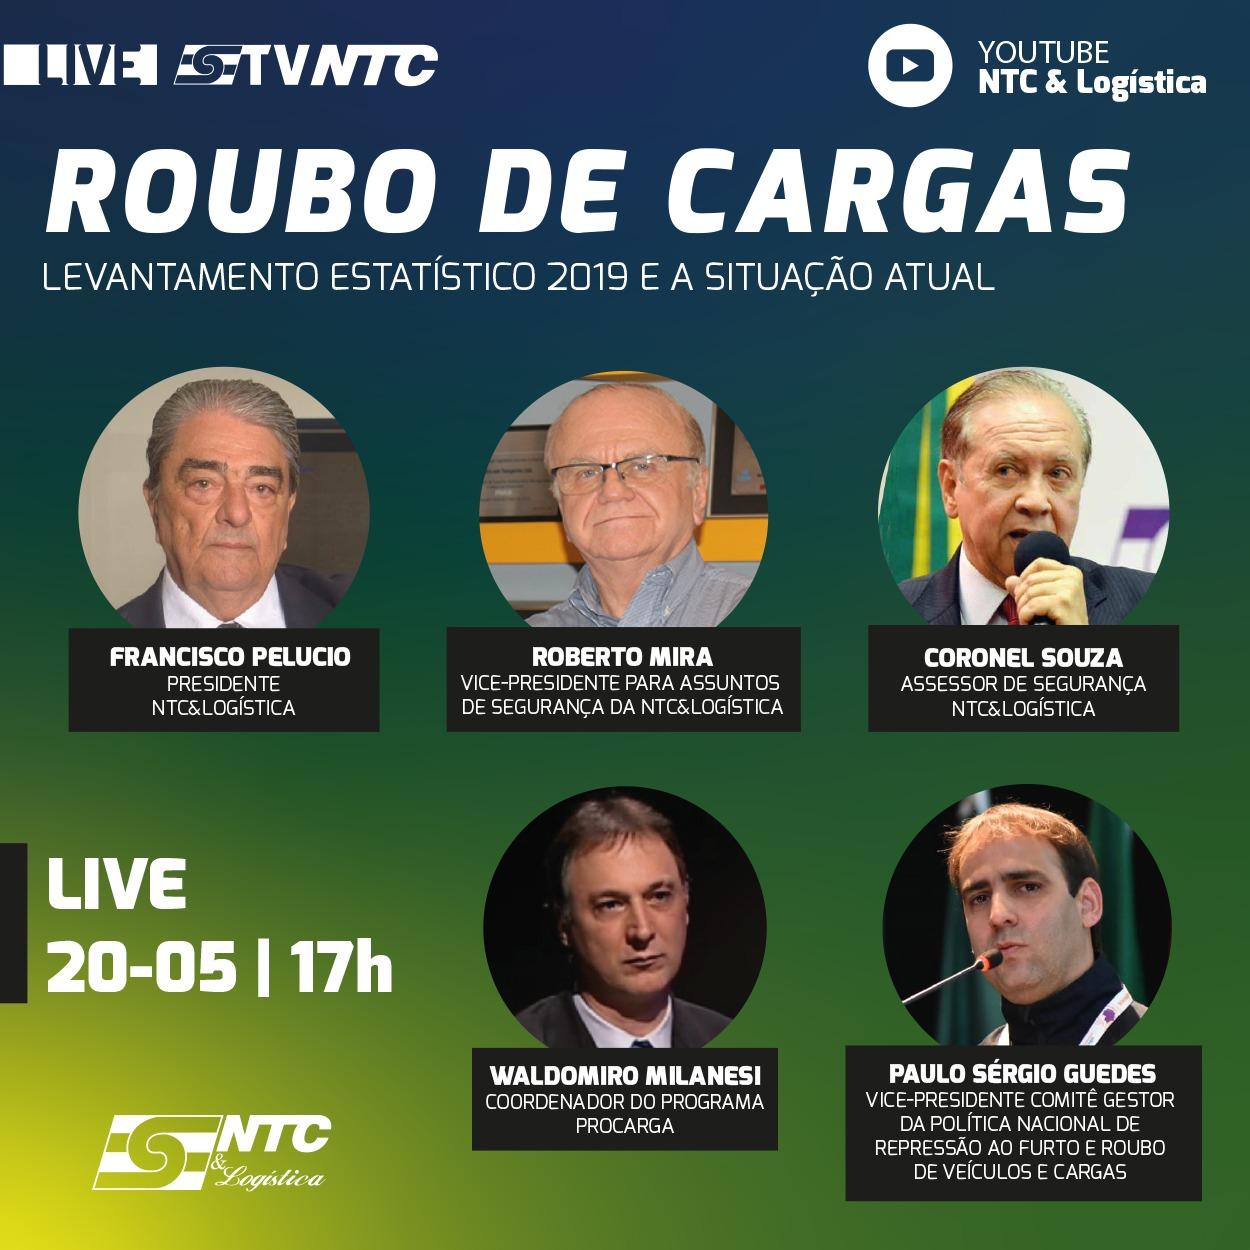 Encontro com ex-presidentes da entidade e panorama nacional 2019 do Roubo de Cargas são destaques hoje da TV NTC